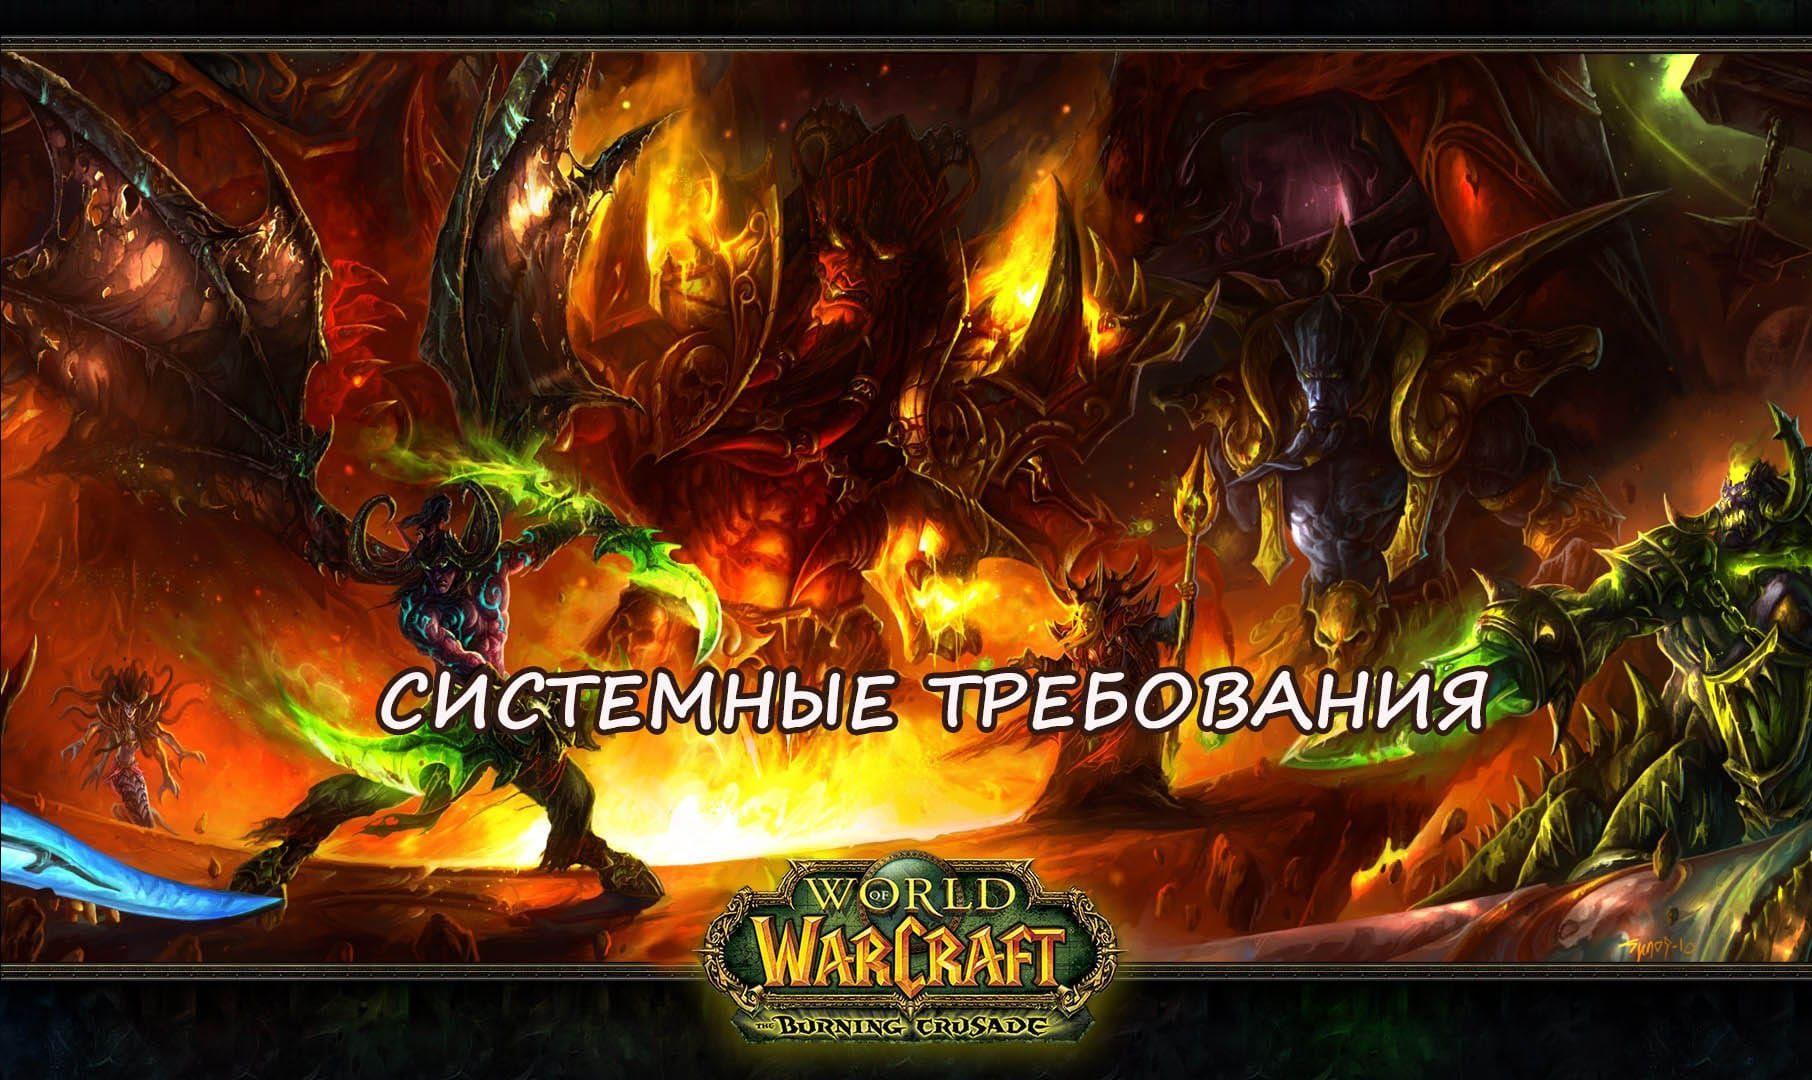 Системные требования игры World of Warcraft